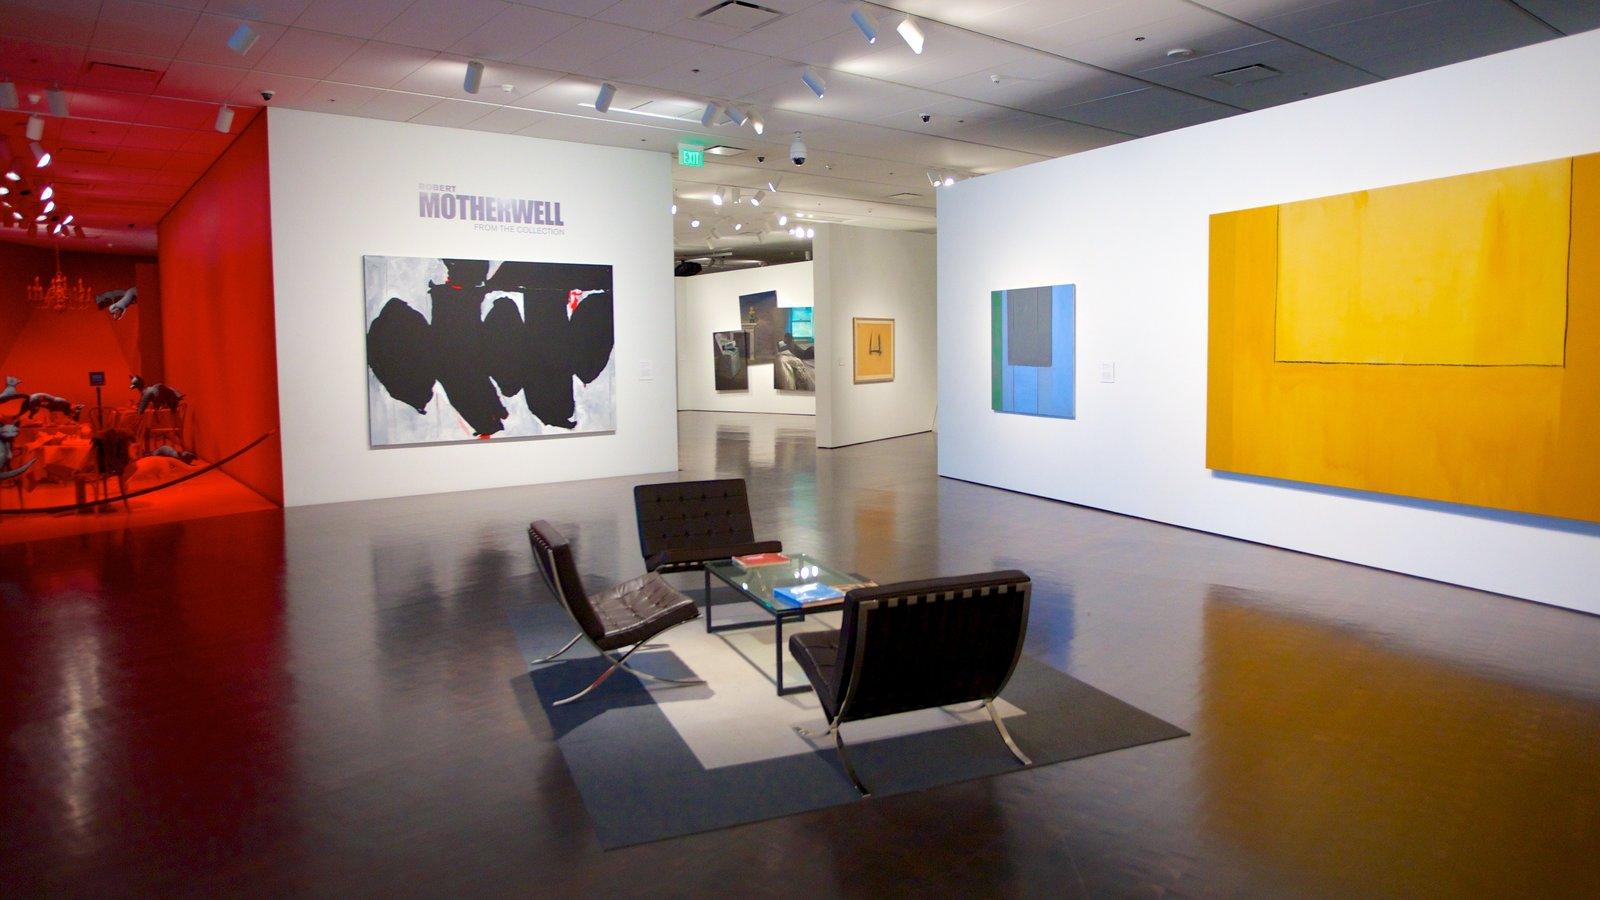 Denver Art Museum caracterizando arte e vistas internas